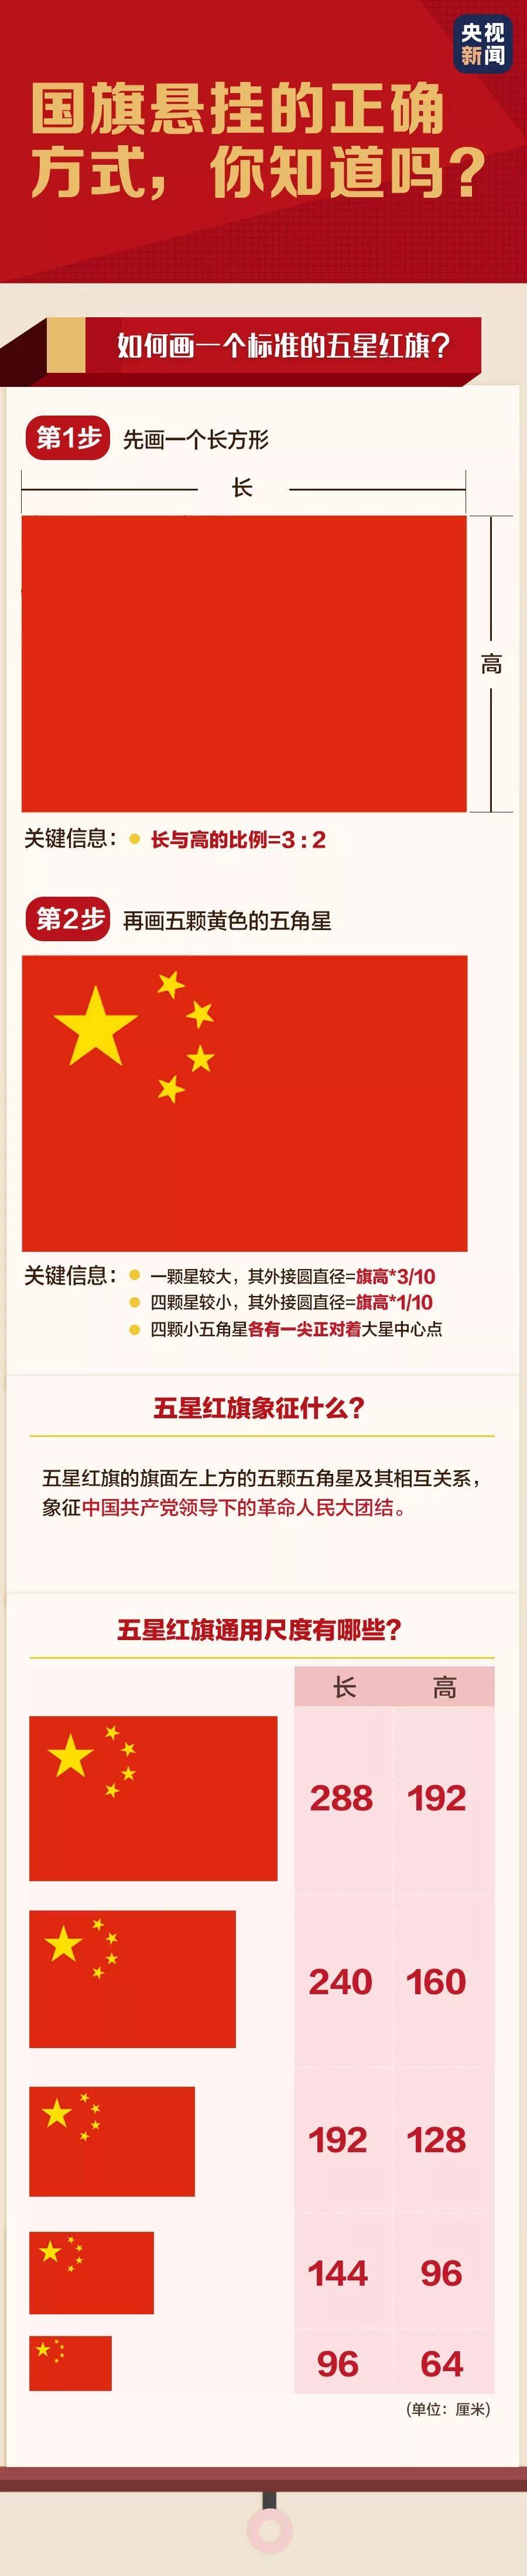 青海省地方金融监管局副局长王丽接受审查调查